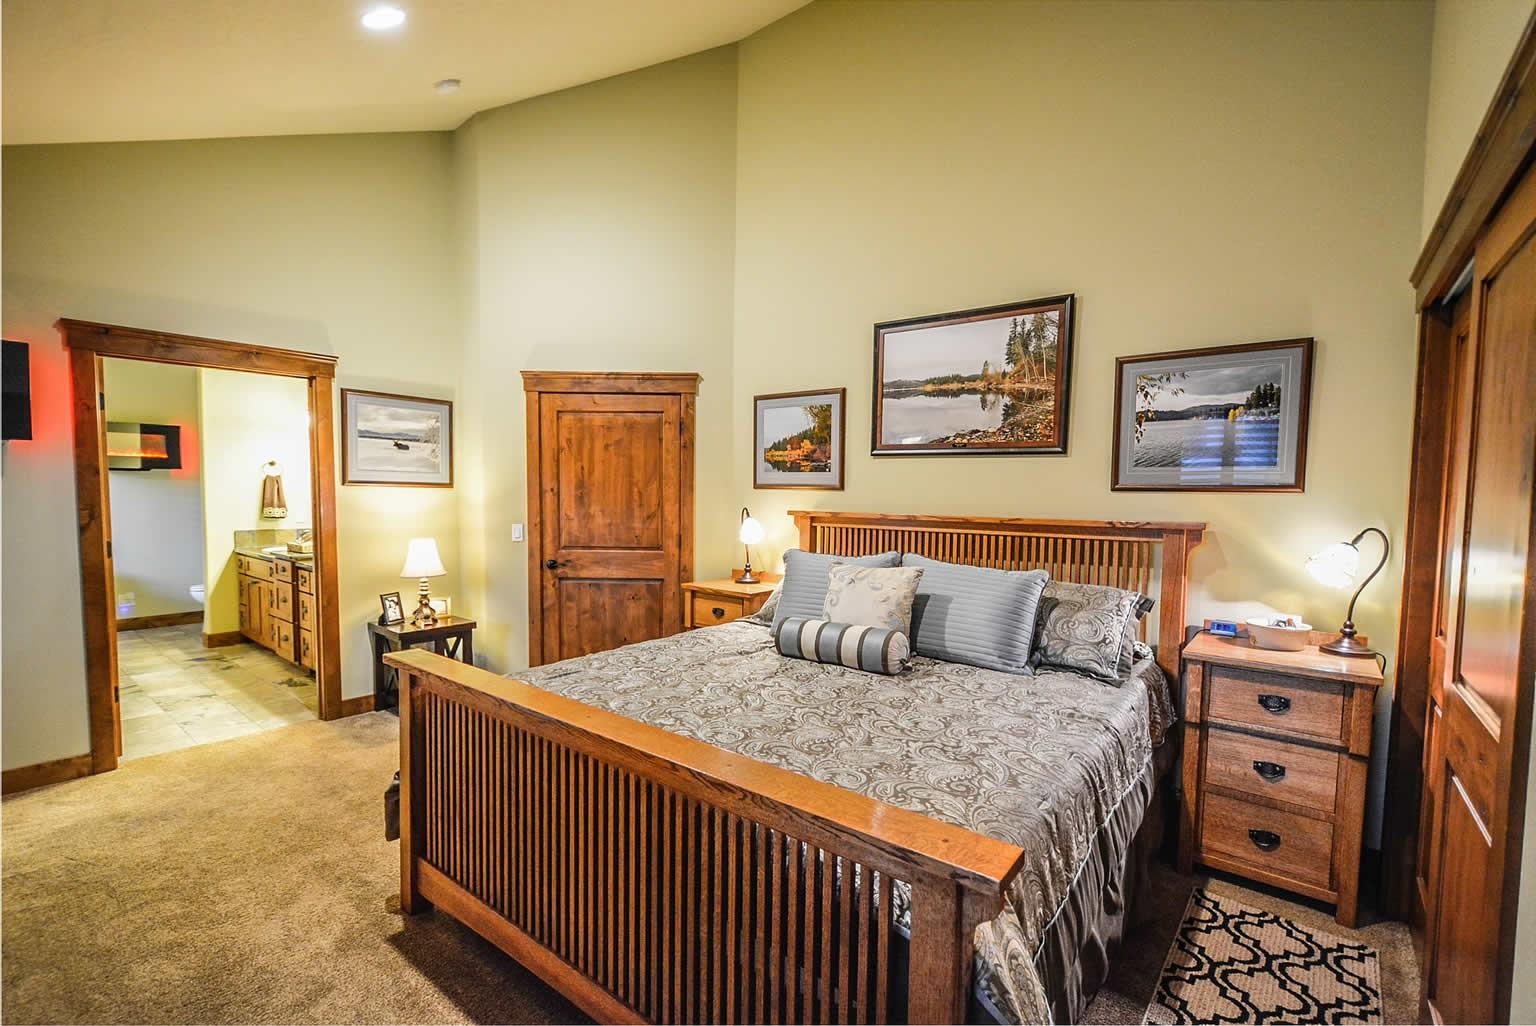 Handicap Bedroom Design: What you should include